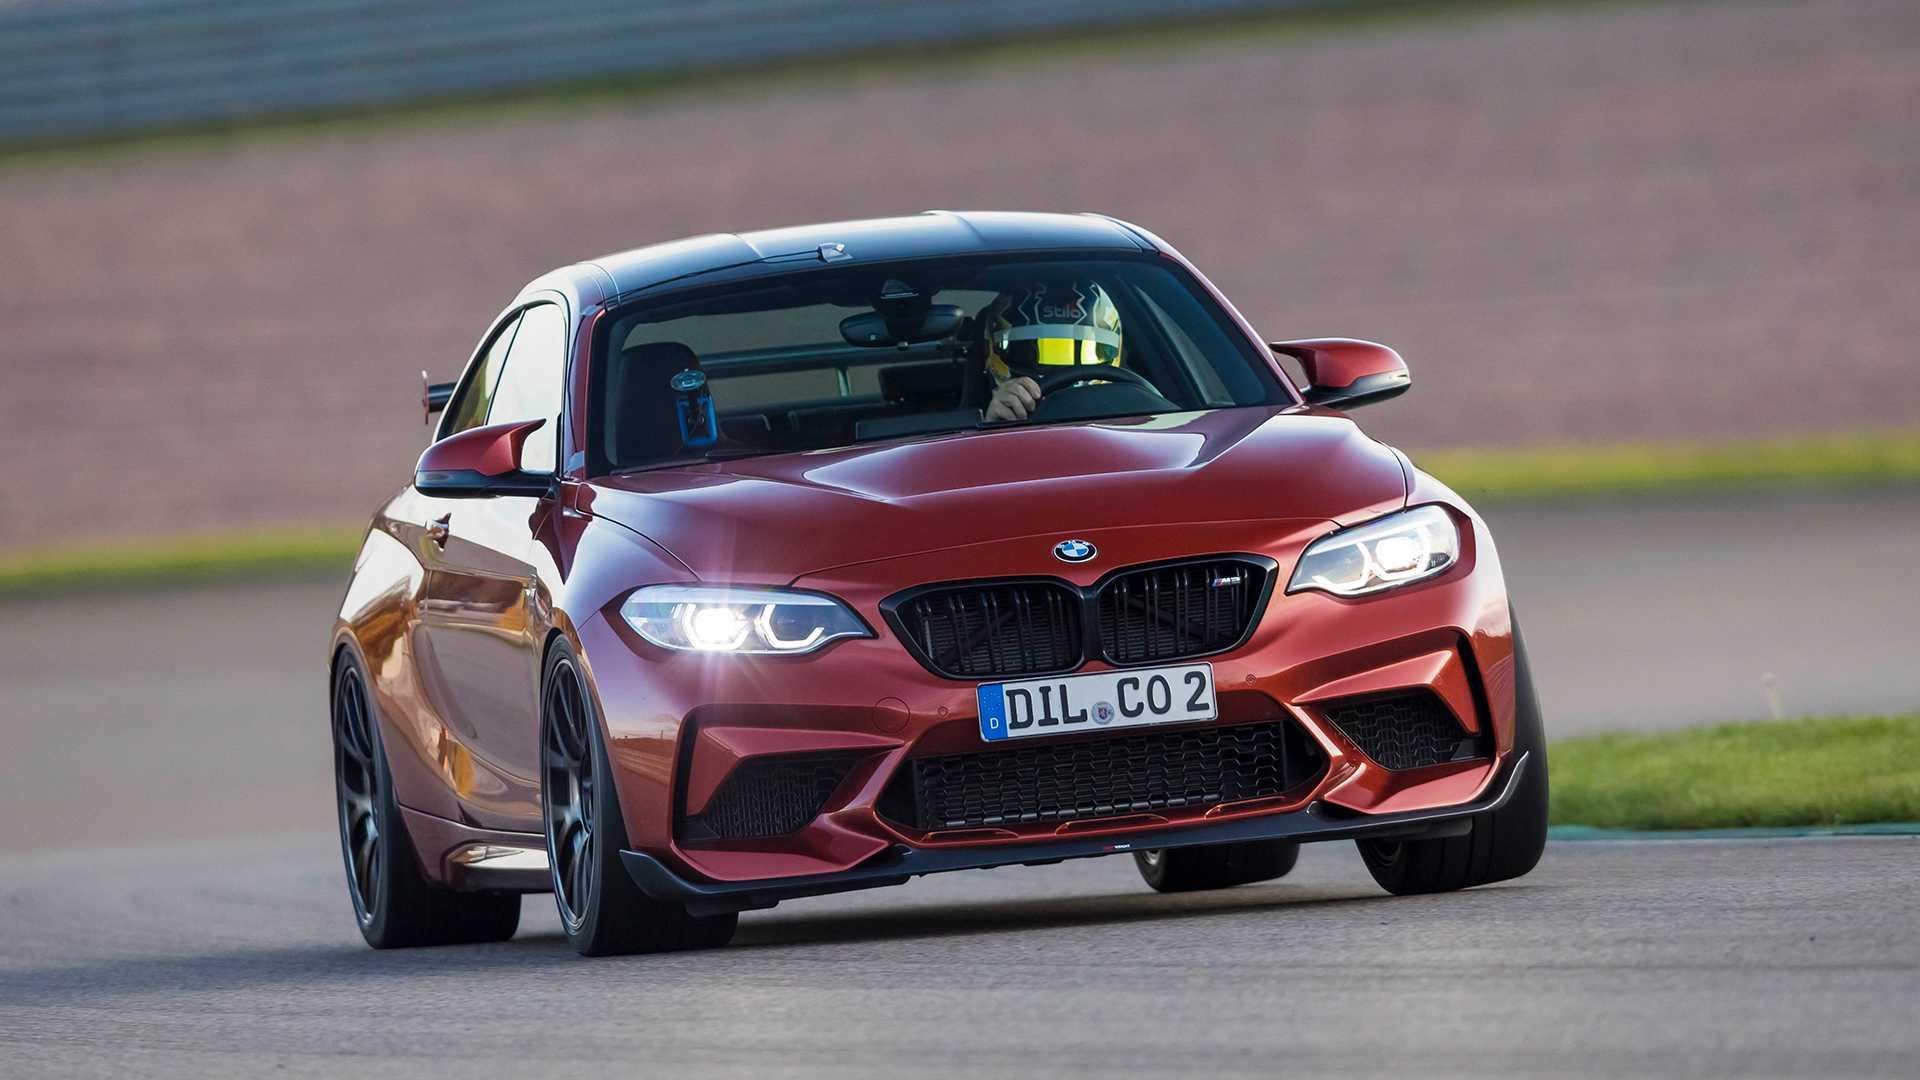 El BMW M2 Competition de Lightweight es más rápido que el M2 CS